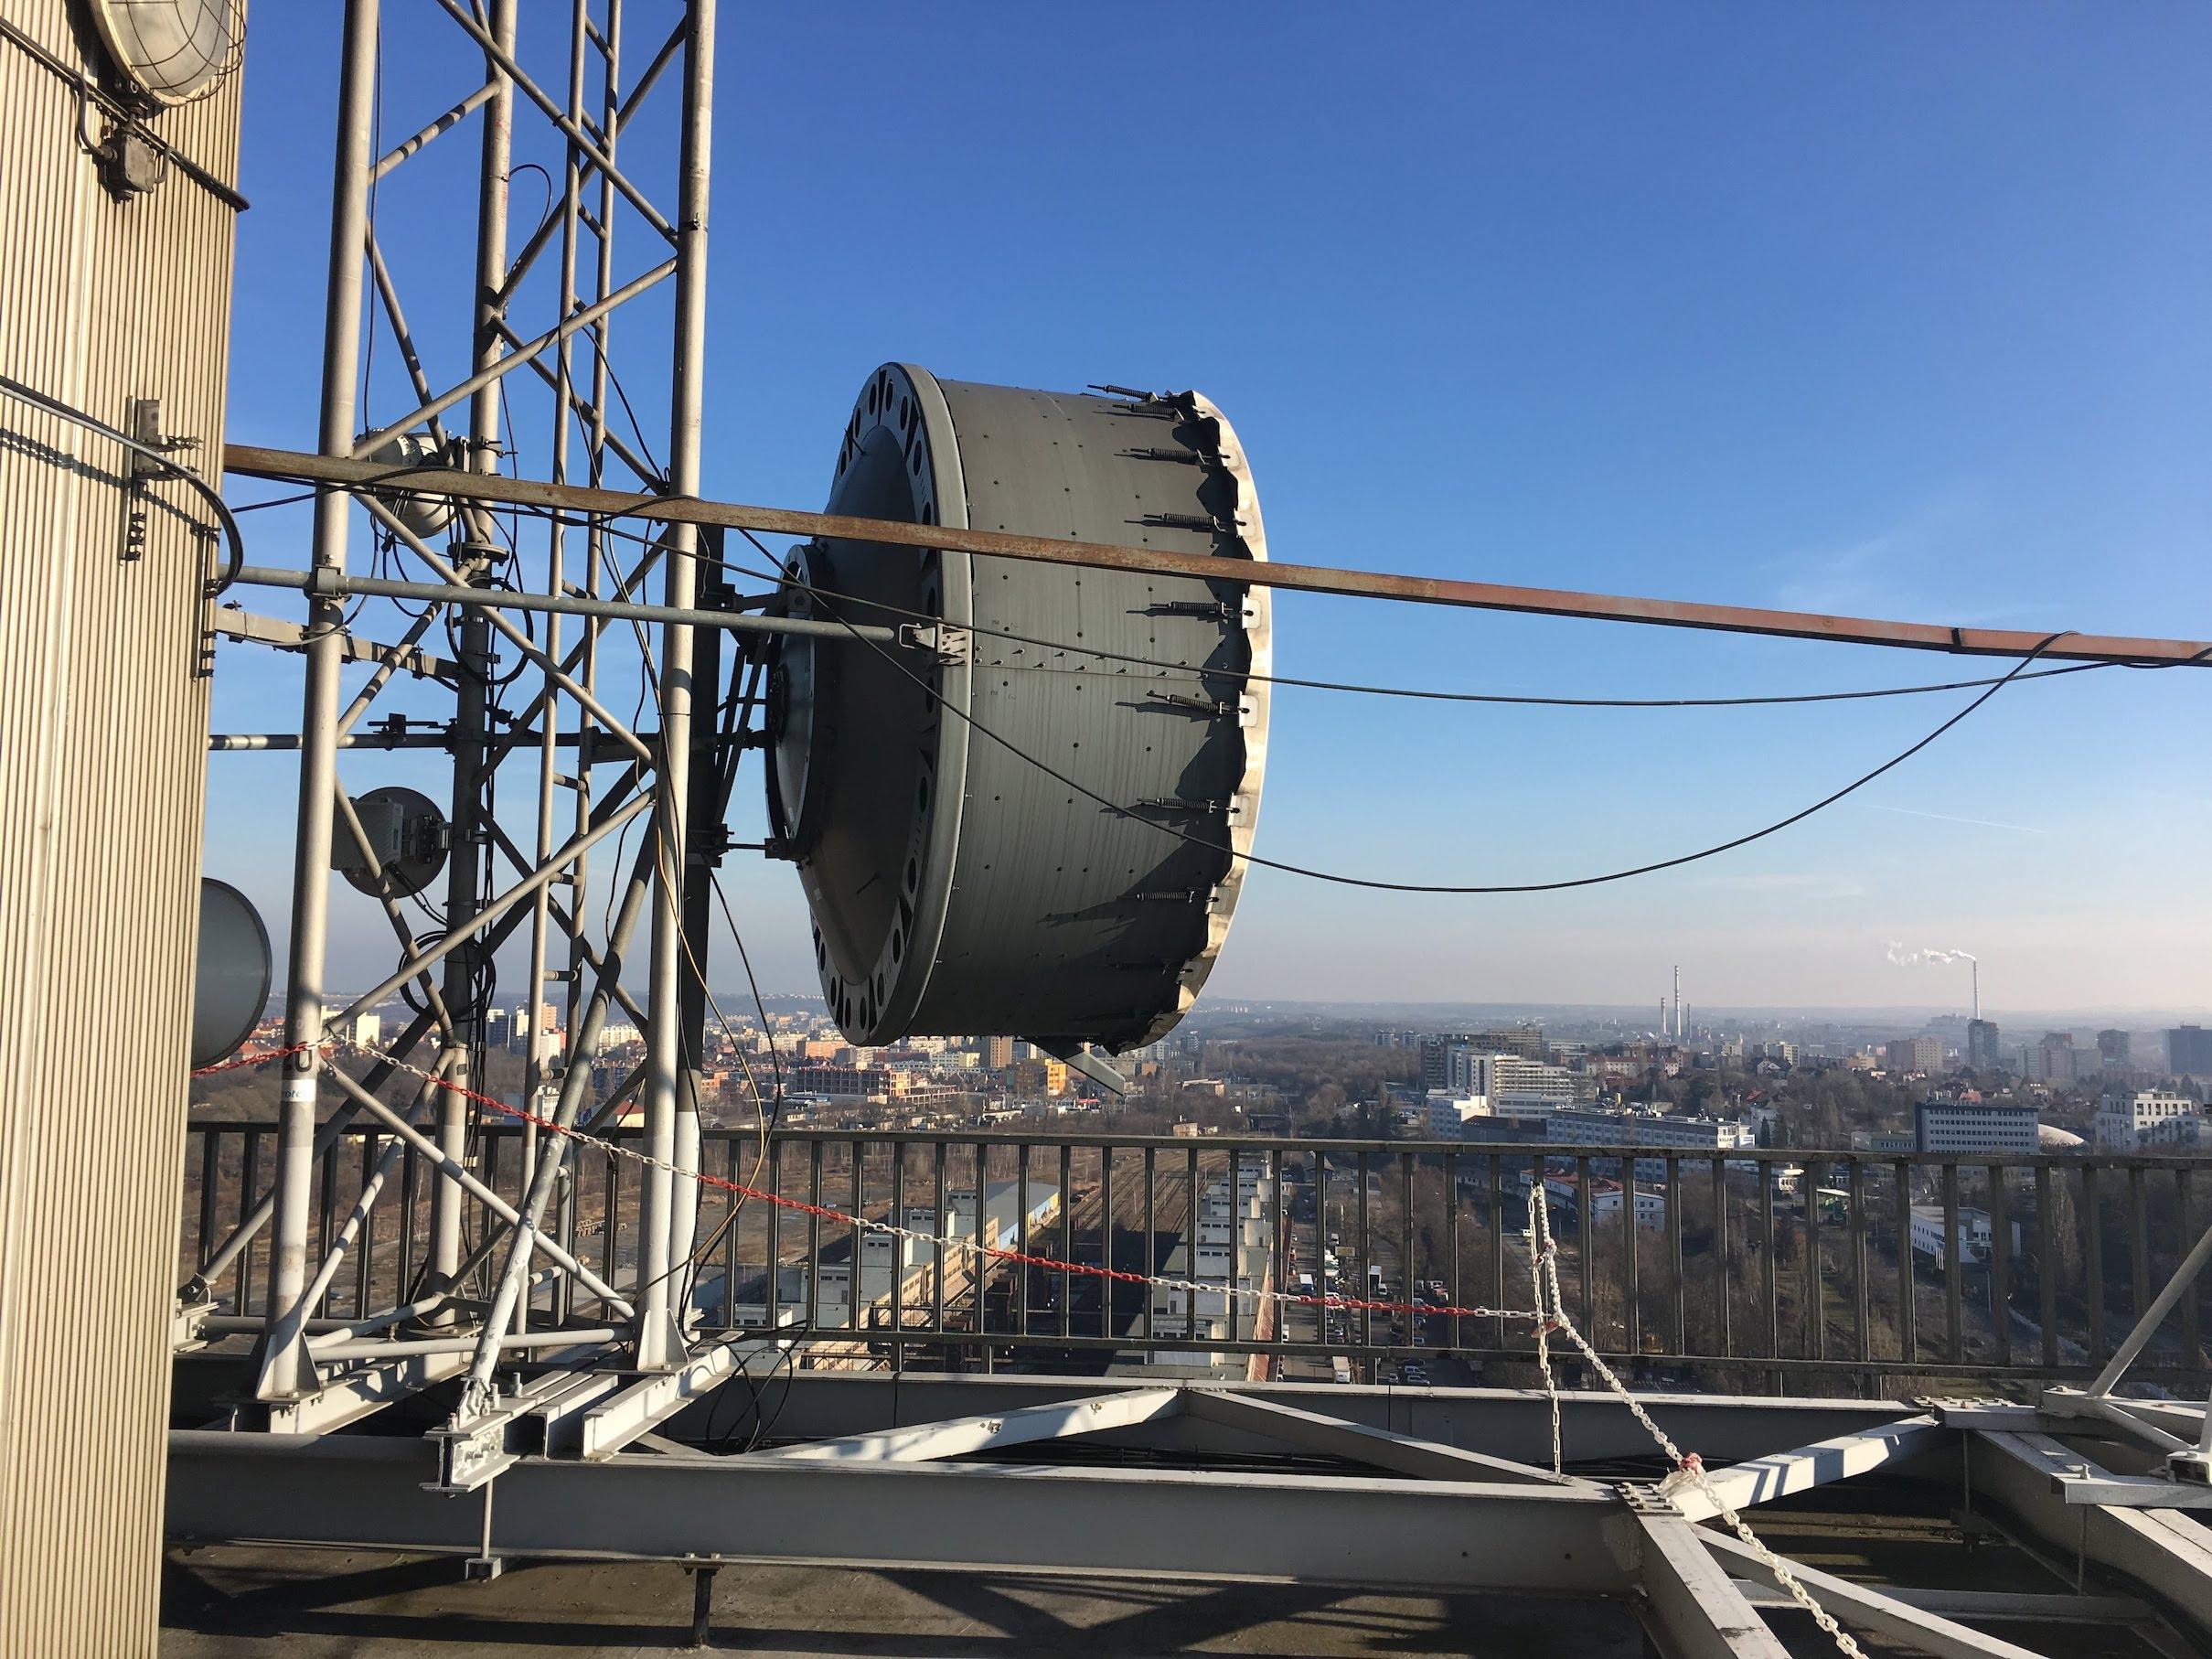 Výhled z věže - východ